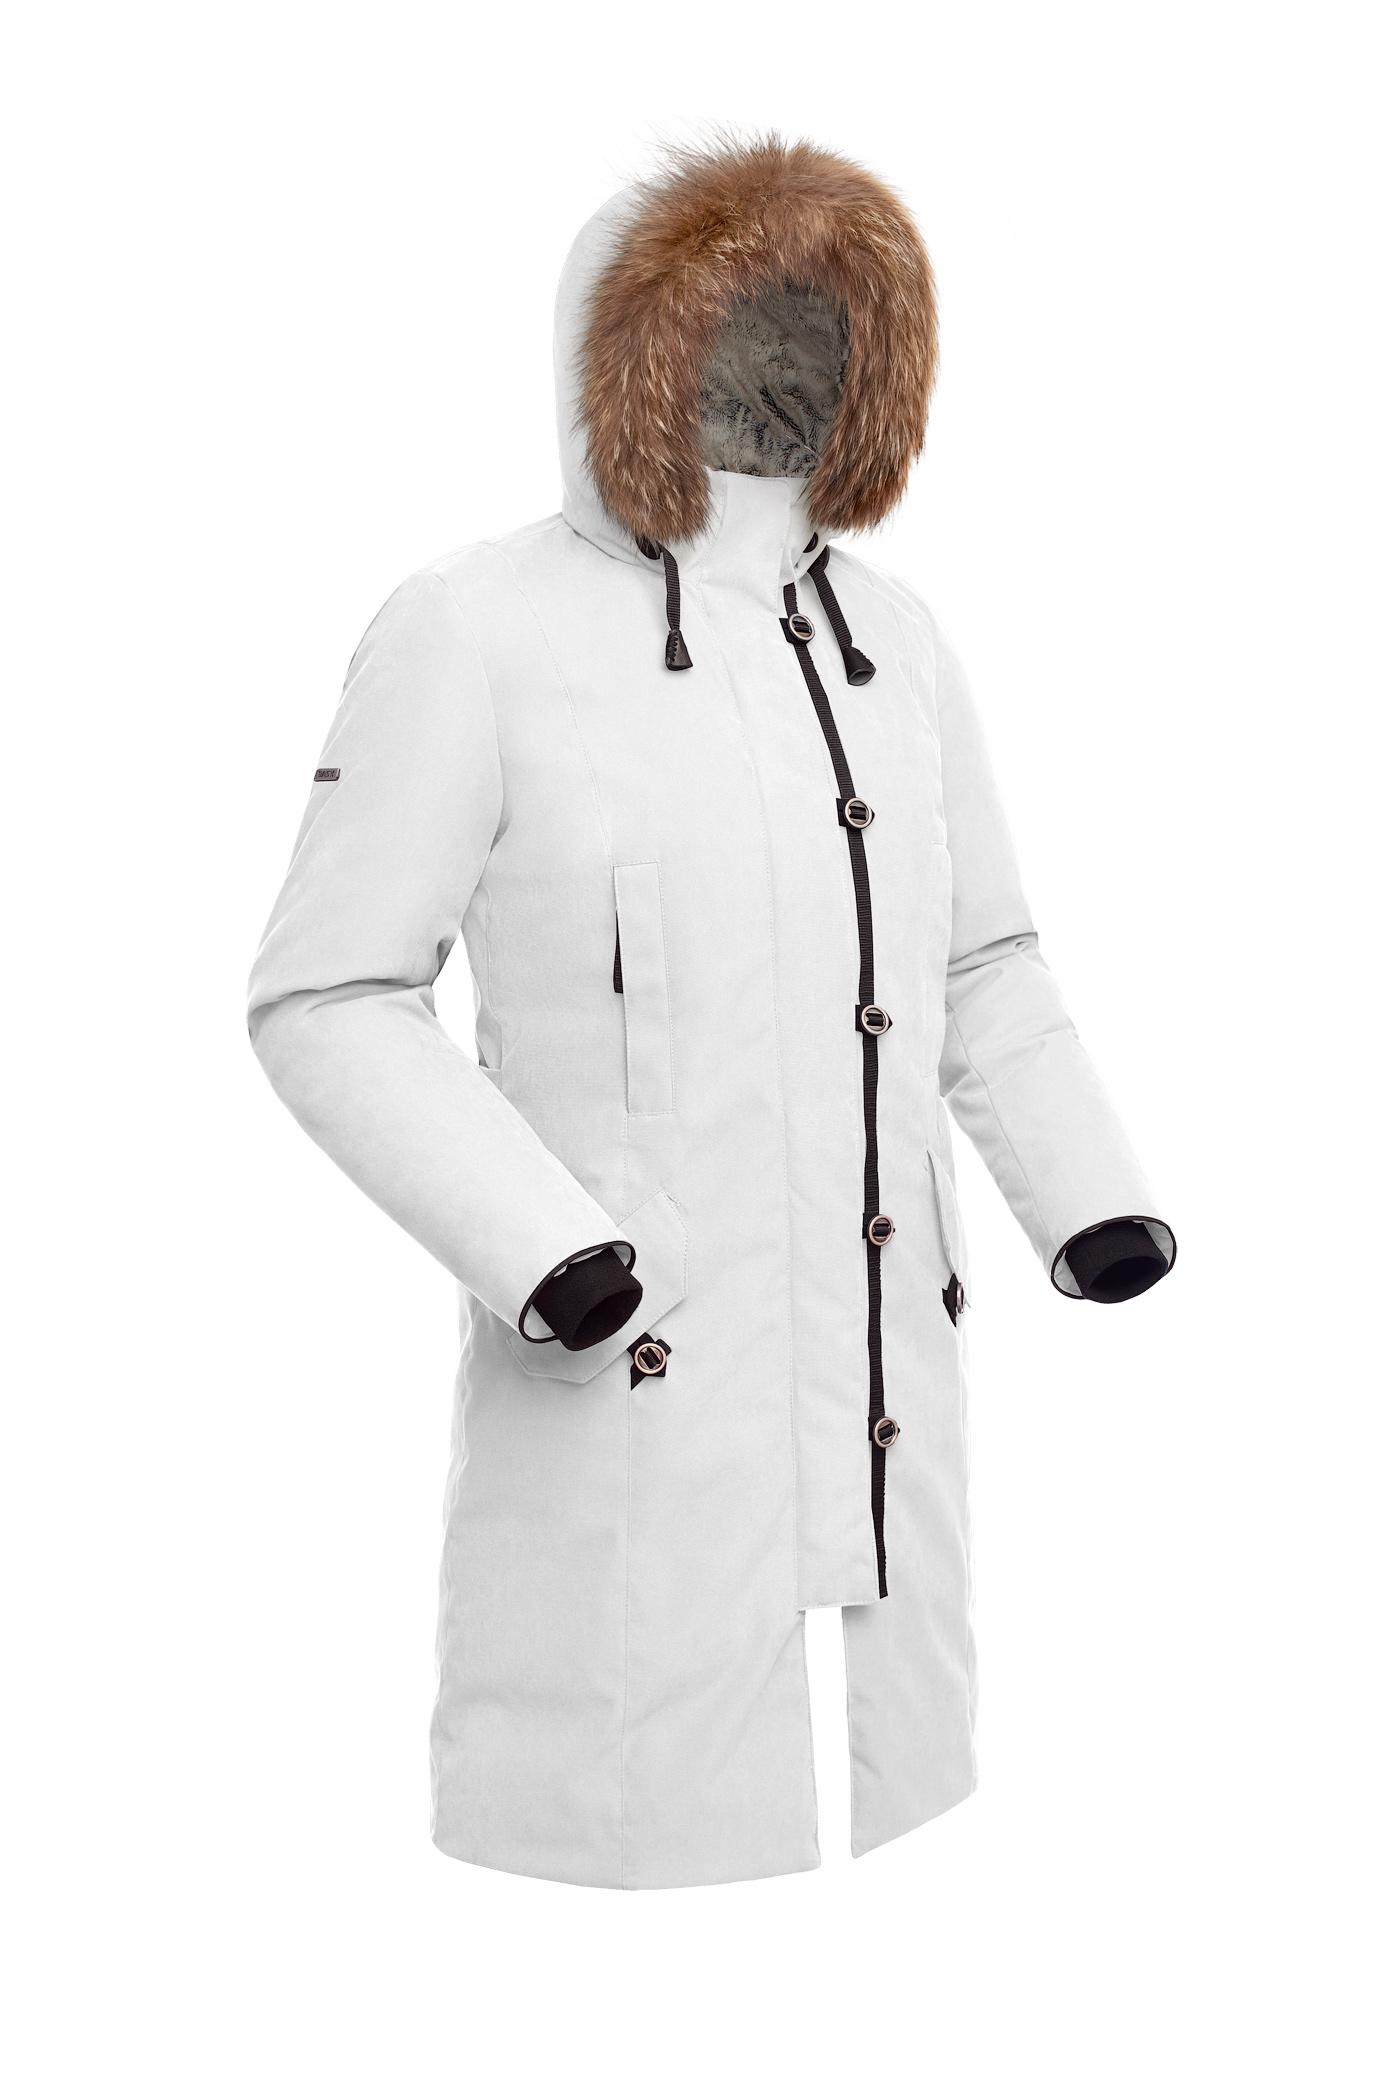 Пальто пуховое женское BASK HATANGA V2 белое, Пальто - арт. 1000040409